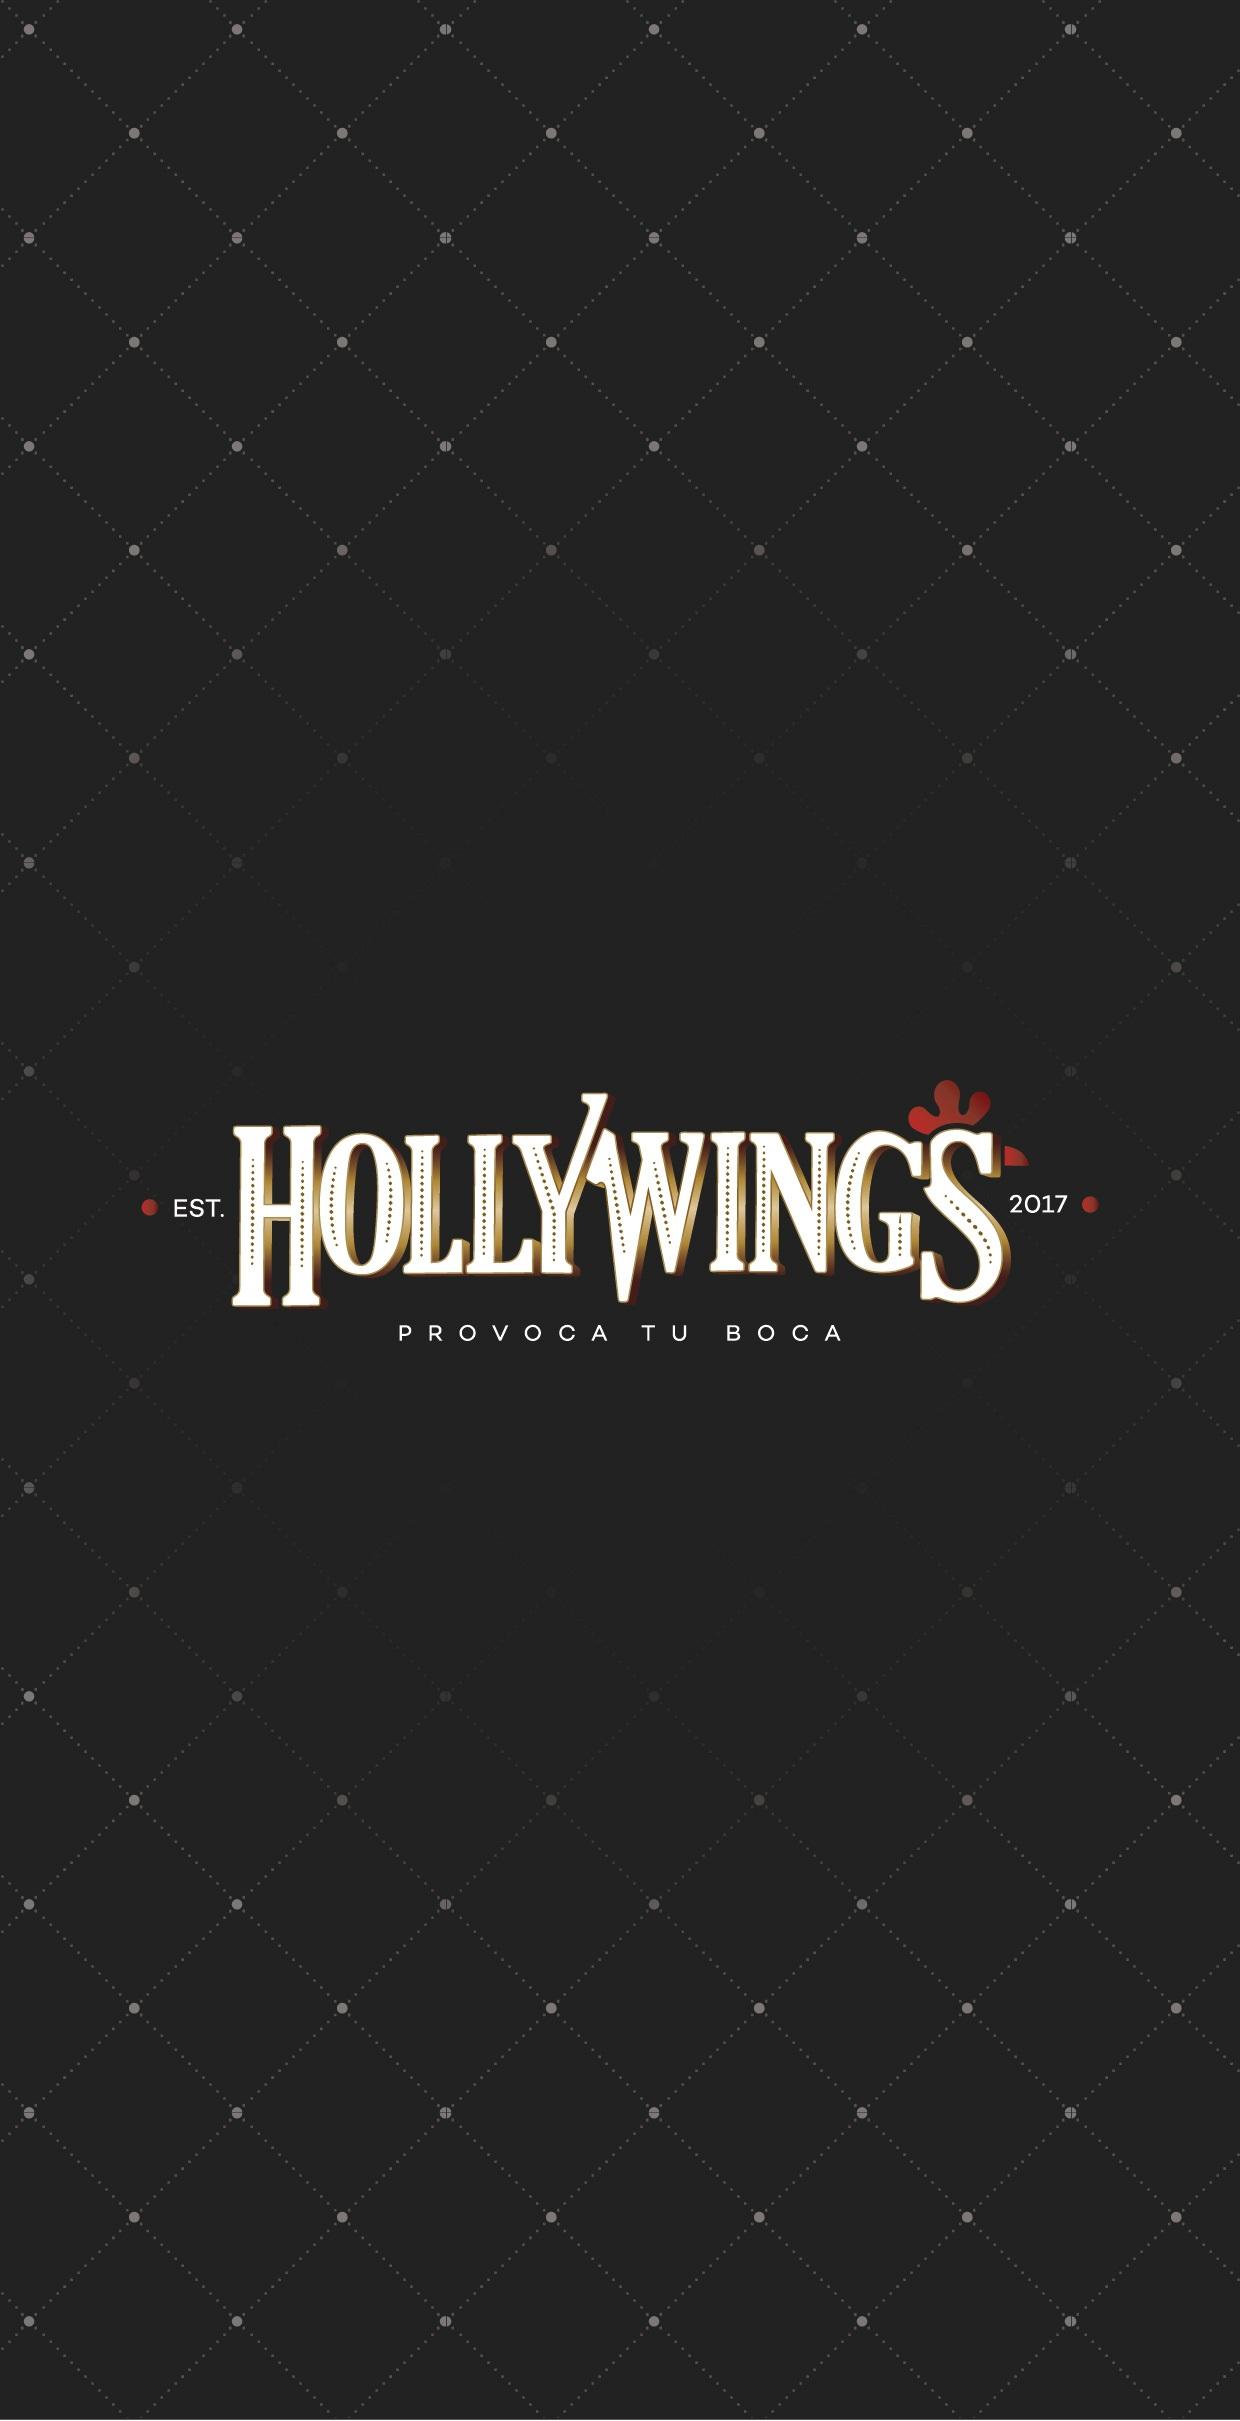 Hollywings